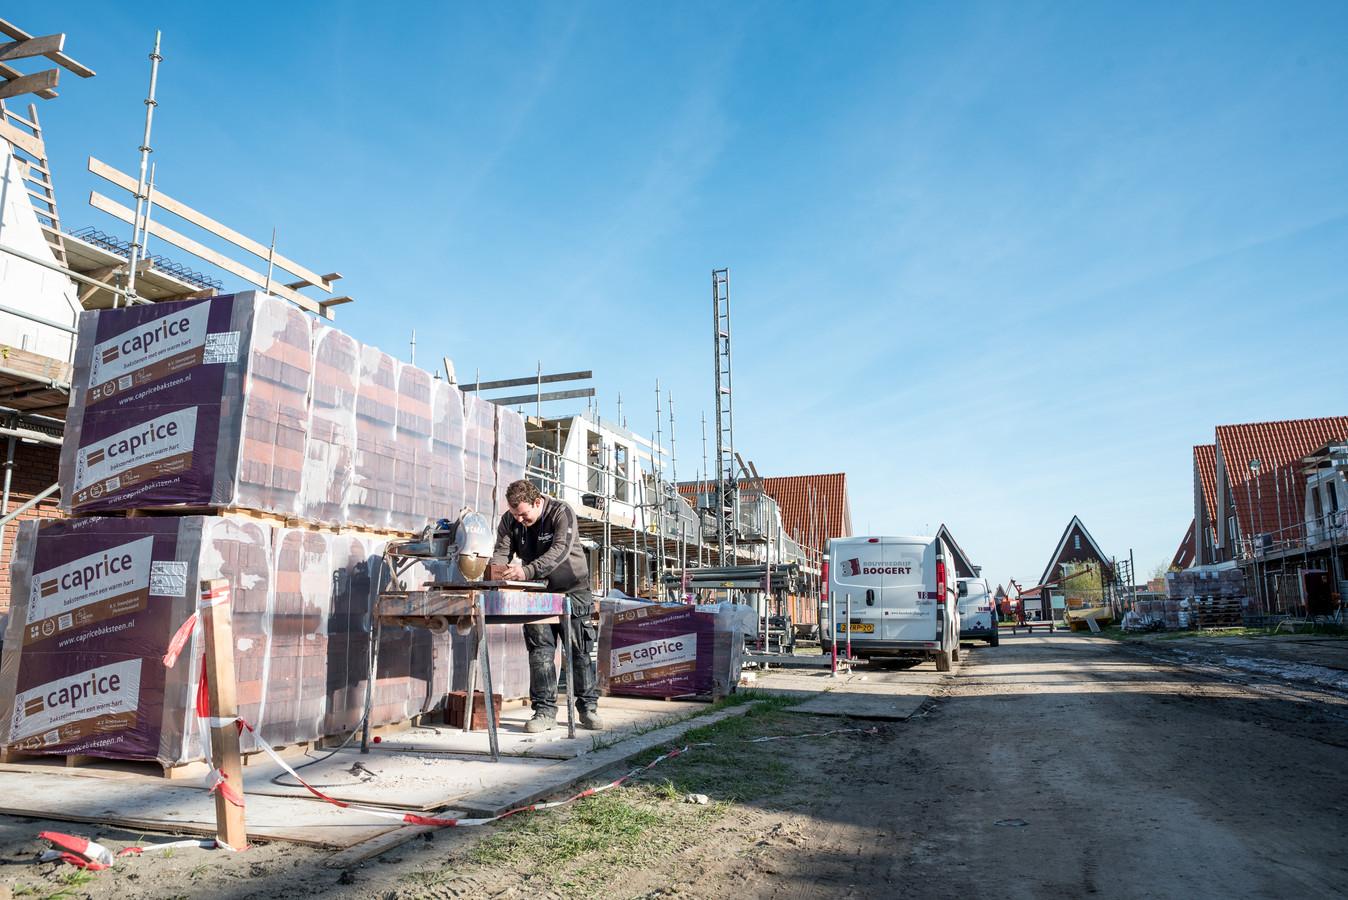 Jaarlijks worden er op Schouwen-Duiveland zo'n 80 woningen bijgebouwd. De nadruk ligt daarbij op centrumplaats Zierikzee, zoals hier in de wijk Noorderpolder.